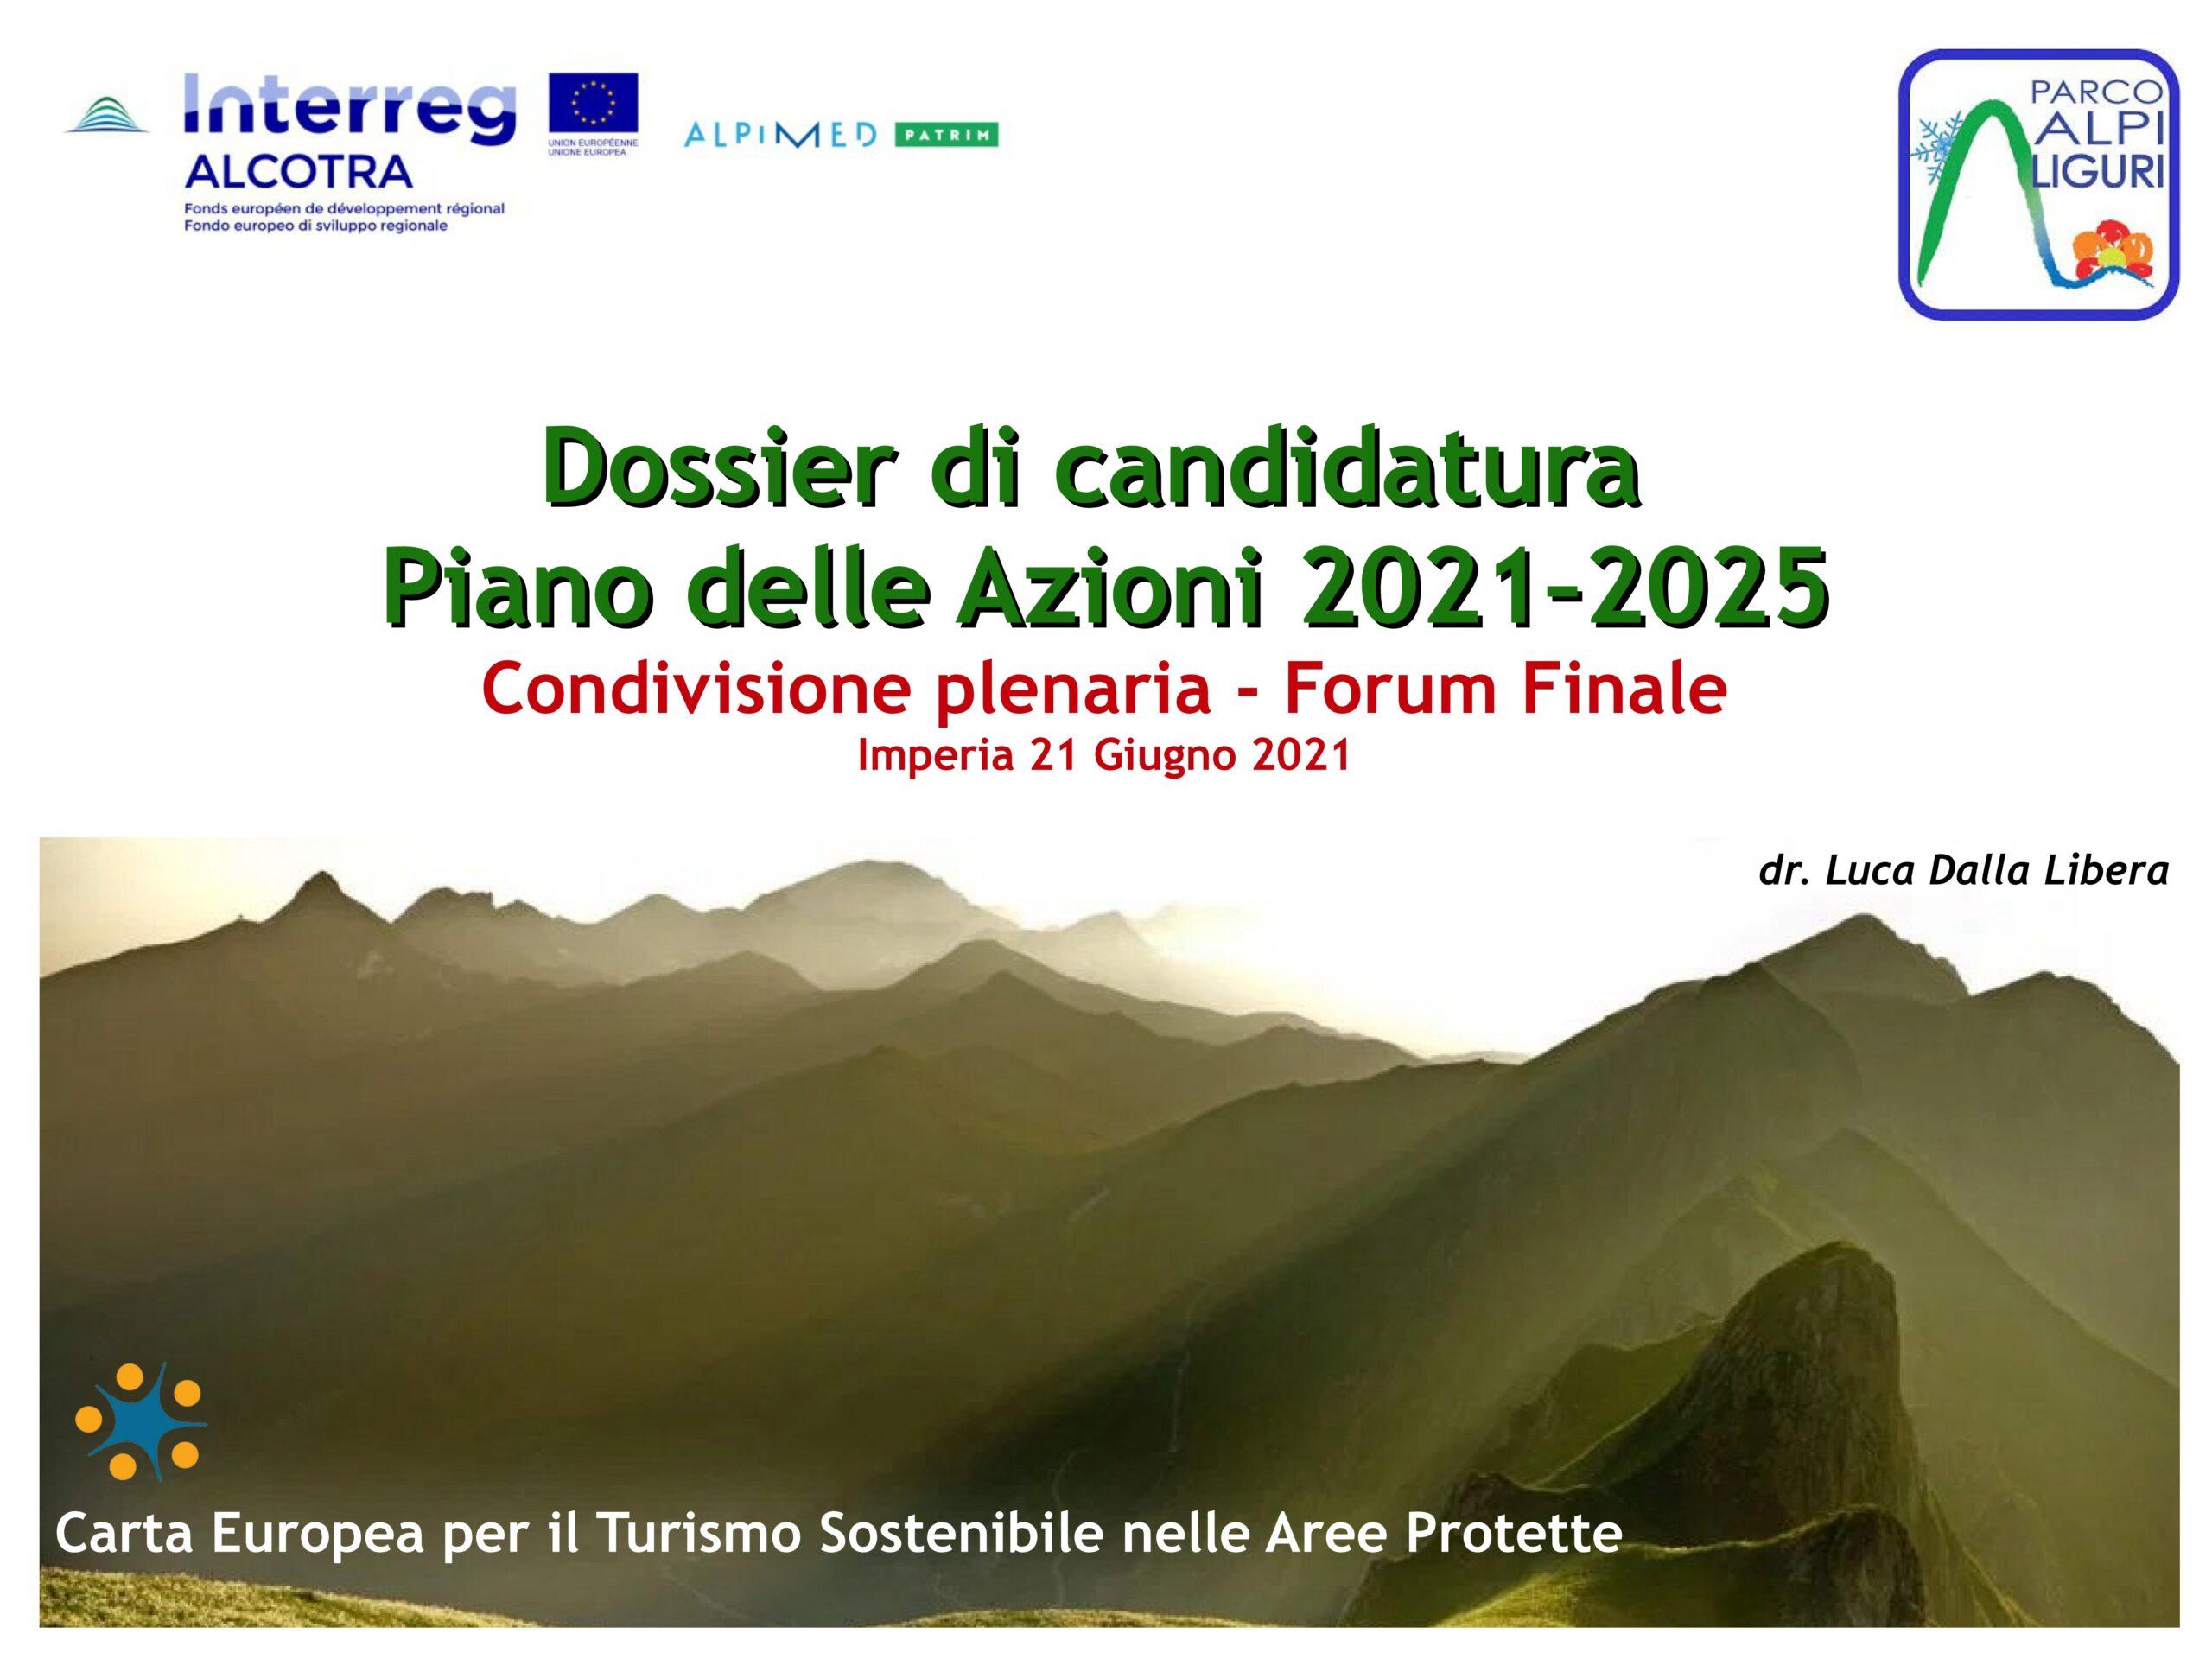 Il Parco delle Alpi Liguri verso la Carta Europea del Turismo Sostenibile (CETS) – Firmato il documento finale della Strategia 2021-2025